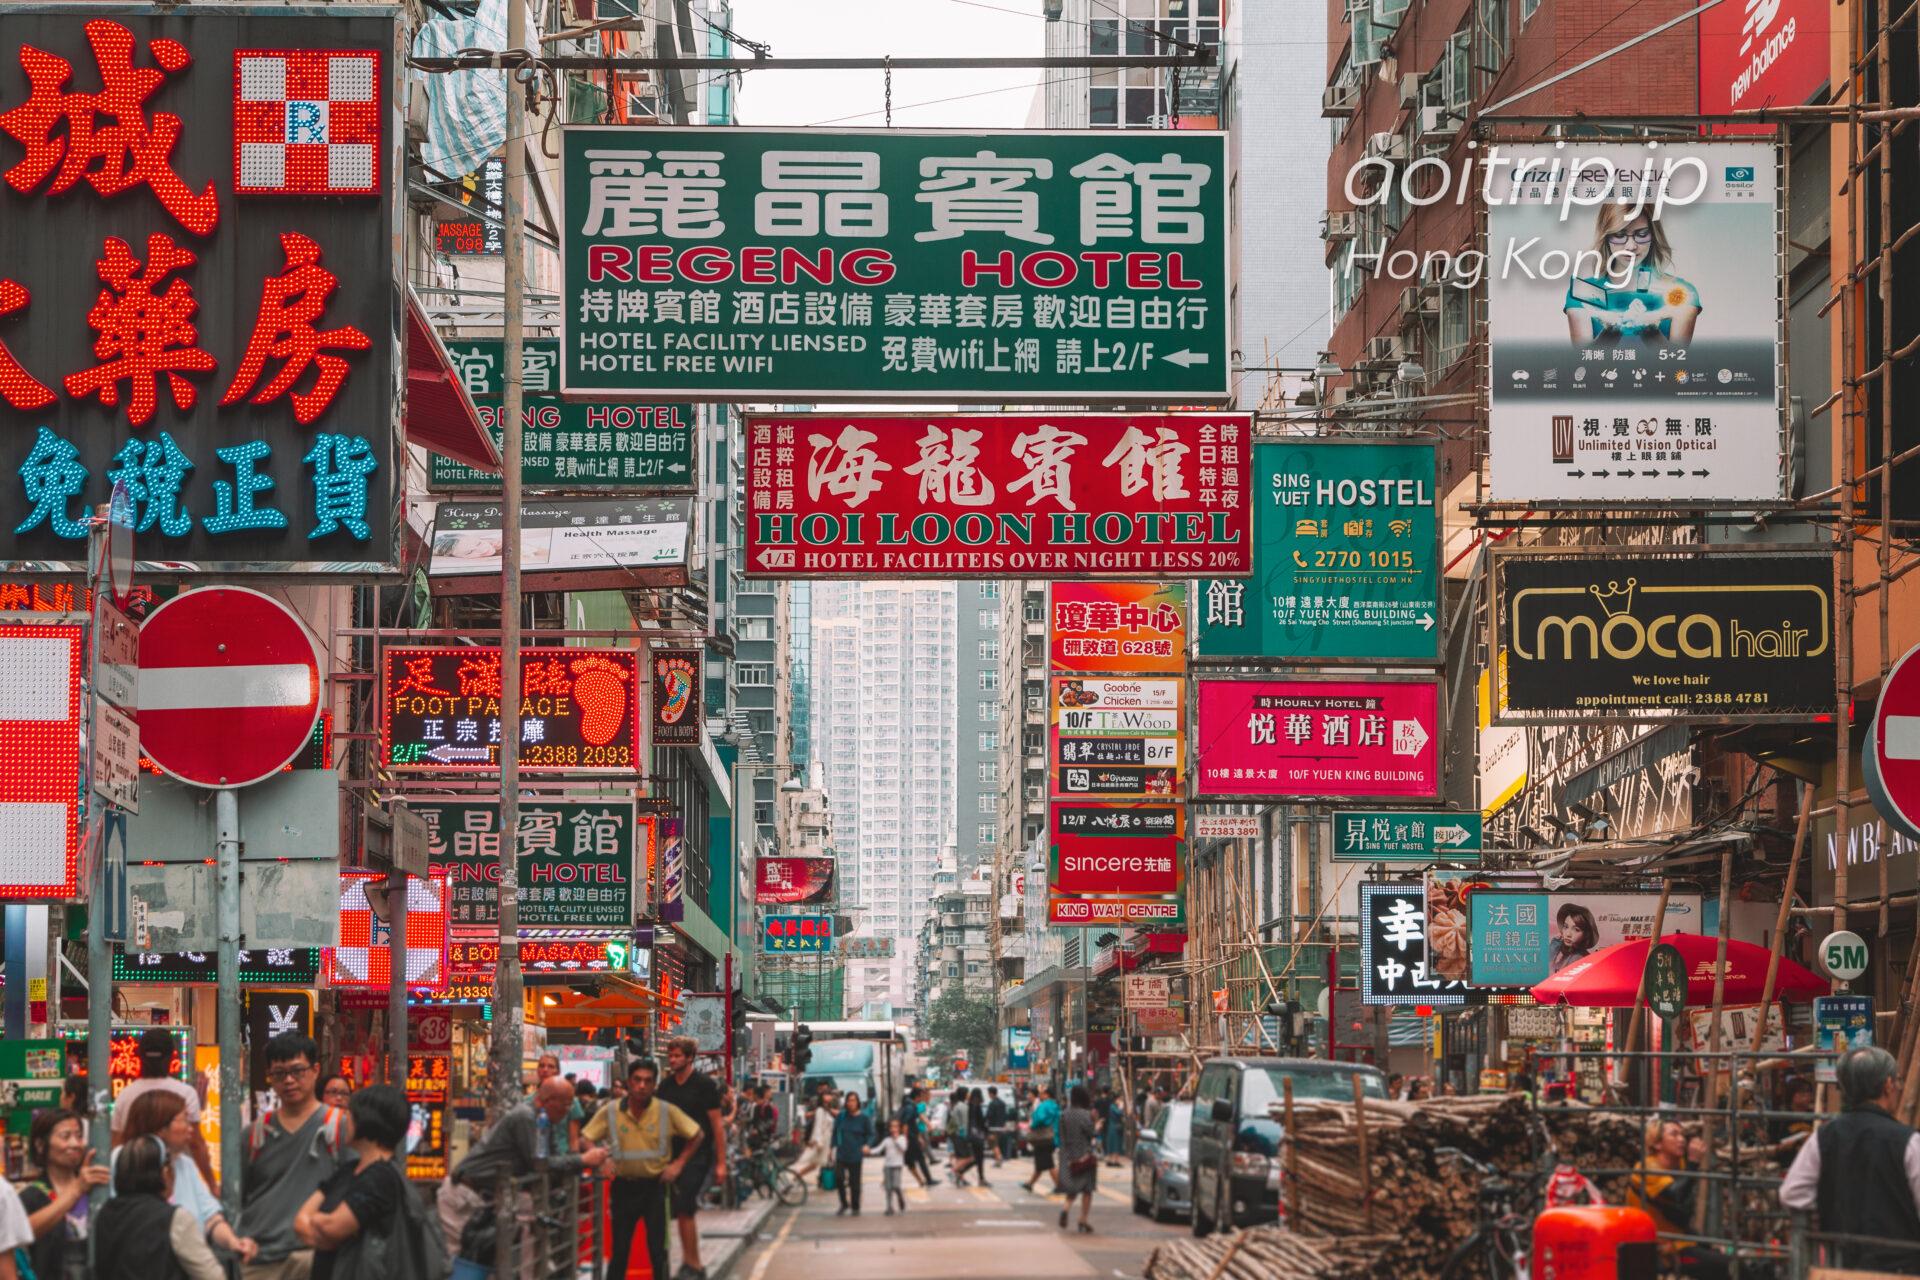 香港の観光見どころ 旅行ガイド Hong Kong Travel Guide